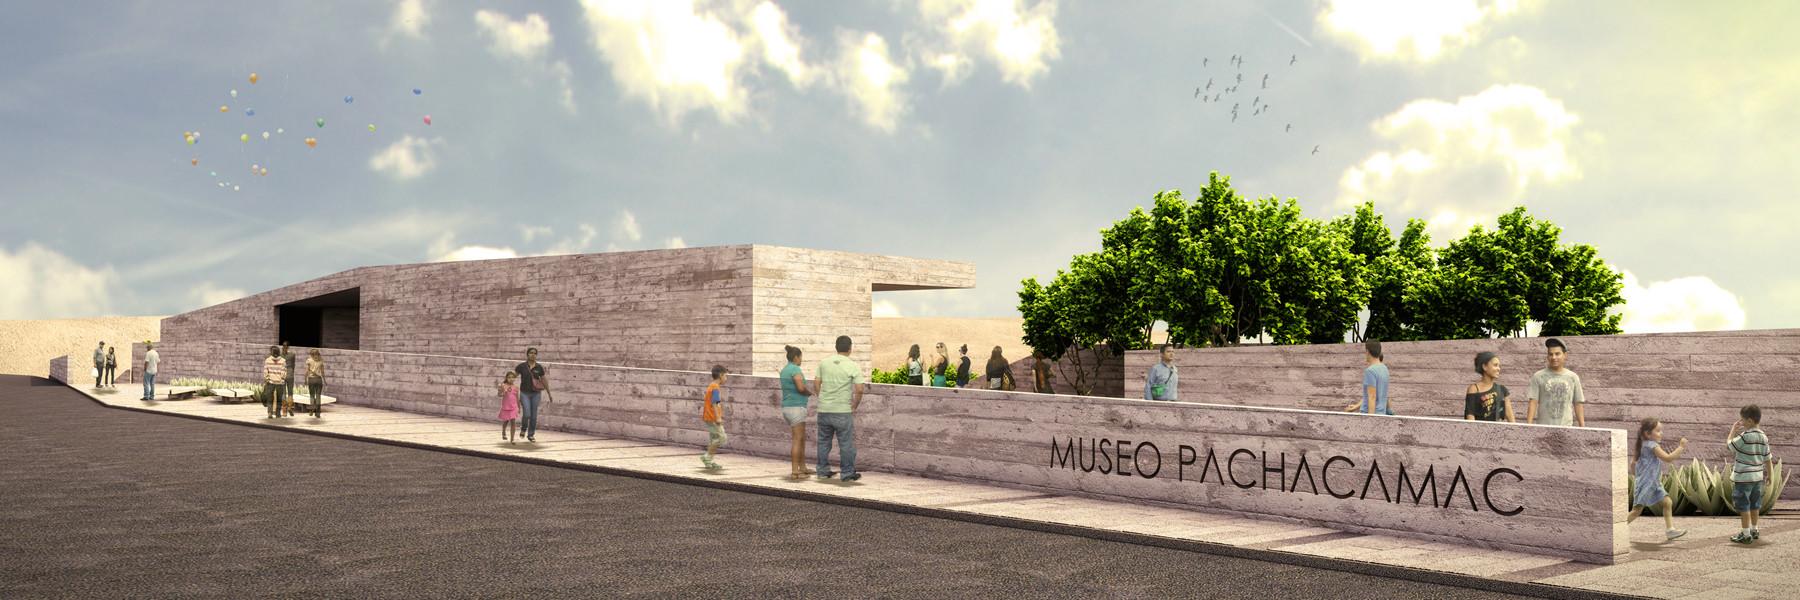 Imagen Ingreso / Museo de Pachacamac . Image Courtesy of Llosa Cortegana Arquitectos